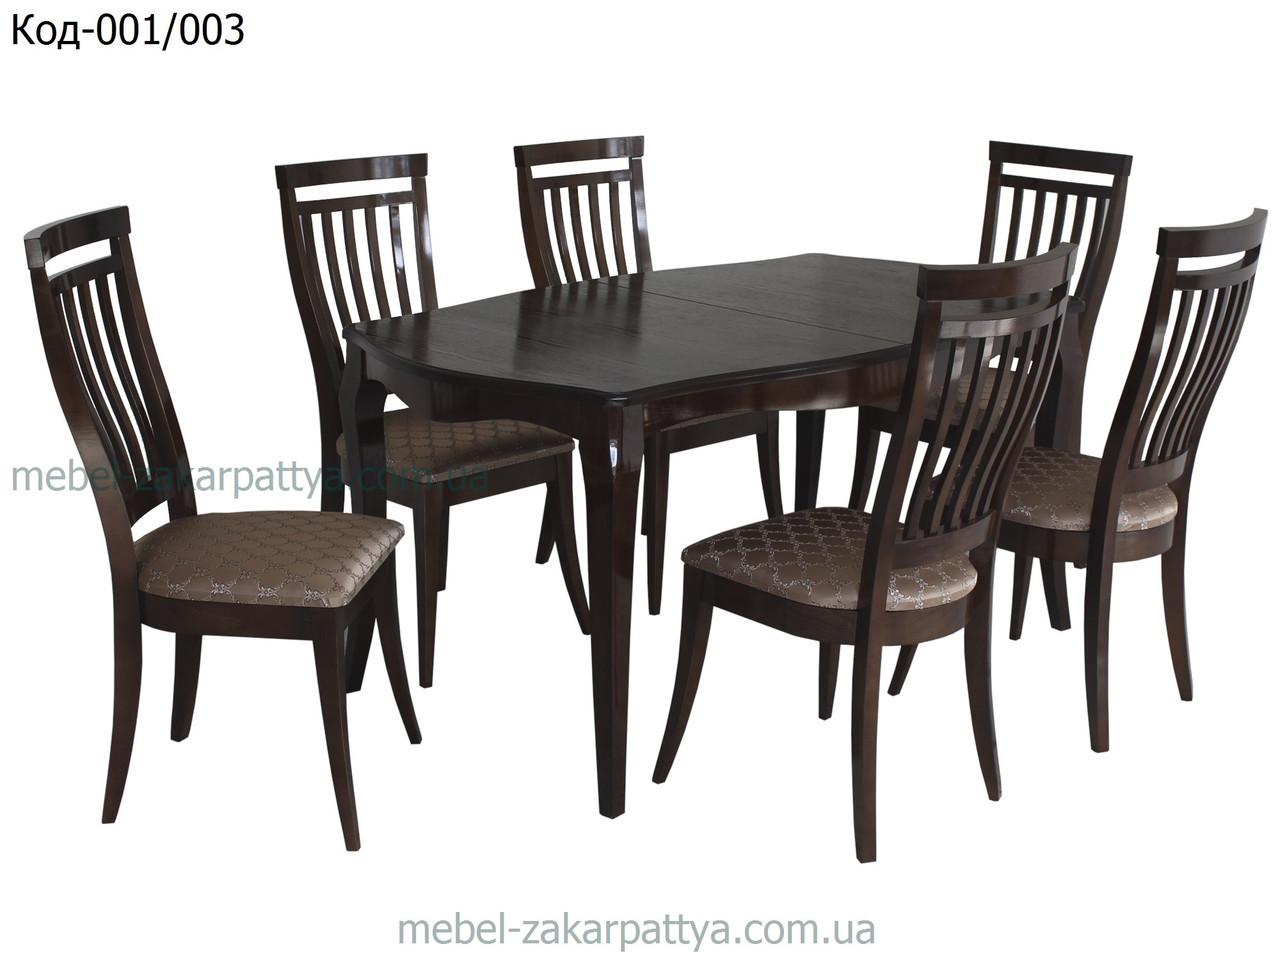 Кухонный комплект обеденный (стол и стулья) Код-001/003